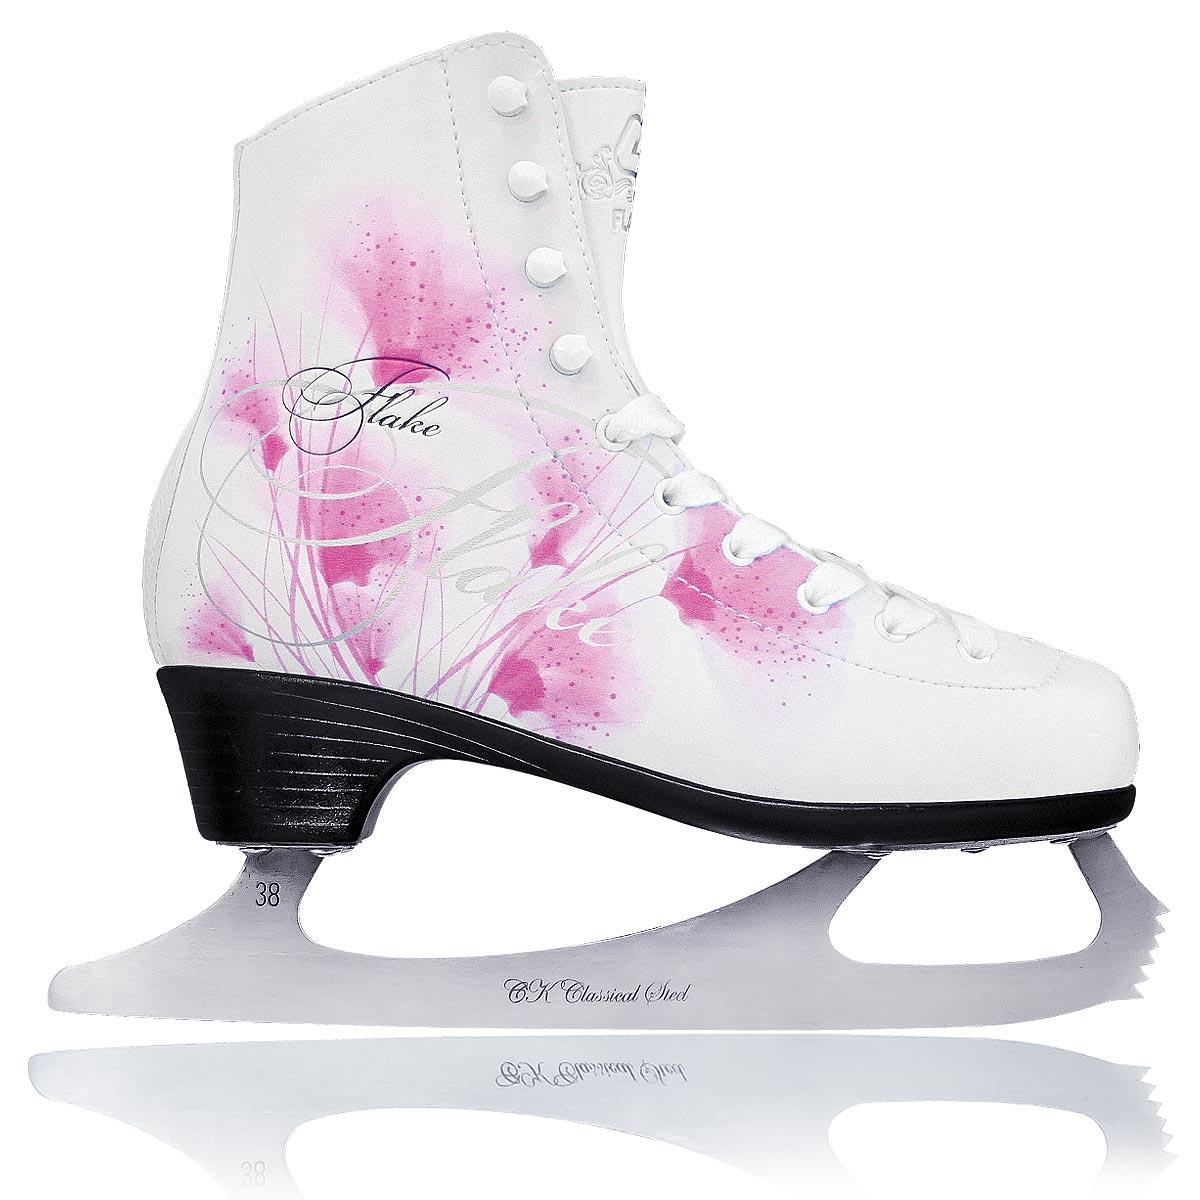 Коньки фигурные женские CK Flake Leather, цвет: белый, фуксия. Размер 37CK Ladies Lux 2012-2013 White TricotФигурные коньки от CK Flake Leather идеально подойдут для любительского катания. Модель выполнена из современной морозоустойчивой искусственной кожи с высокой, плотной колодкой и усиленным задником, обеспечивающим боковую поддержку ноги. Внутренняя поверхность из натуральной кожи обеспечивает удобство во время движения. Анатомический язычок из войлока и искусственной кожи идеально облегает стопу и повышает комфорт. Стелька из упругого пенного полимерного материала EVA предназначена для быстрой адаптации ботинка к индивидуальным формам ноги и ее комфортного положения. Ботинок полностью обволакивает ногу, обеспечивает прочную и удобную фиксацию ноги, а также повышенную защиту от ударов. Модель фиксируется на ноге классической шнуровкой. Лезвие выполнено из нержавеющей стали, оно обладает высокой твердостью и долго держит заточку. Модель имеет запатентованную форму лезвия. Уменьшенная передняя пластина и расположение точек опоры стоек оптимально располагают переднюю точку баланса и позволяют улучшить контроль при опоре на переднюю часть конька. Новая запатентованная подошва Graceful обладает элегантным дизайном, повышенной твердостью и пониженным весом. Более высокий каблук делает ногу более изящной и стройной, а также повышает управляемость и маневренность конька.